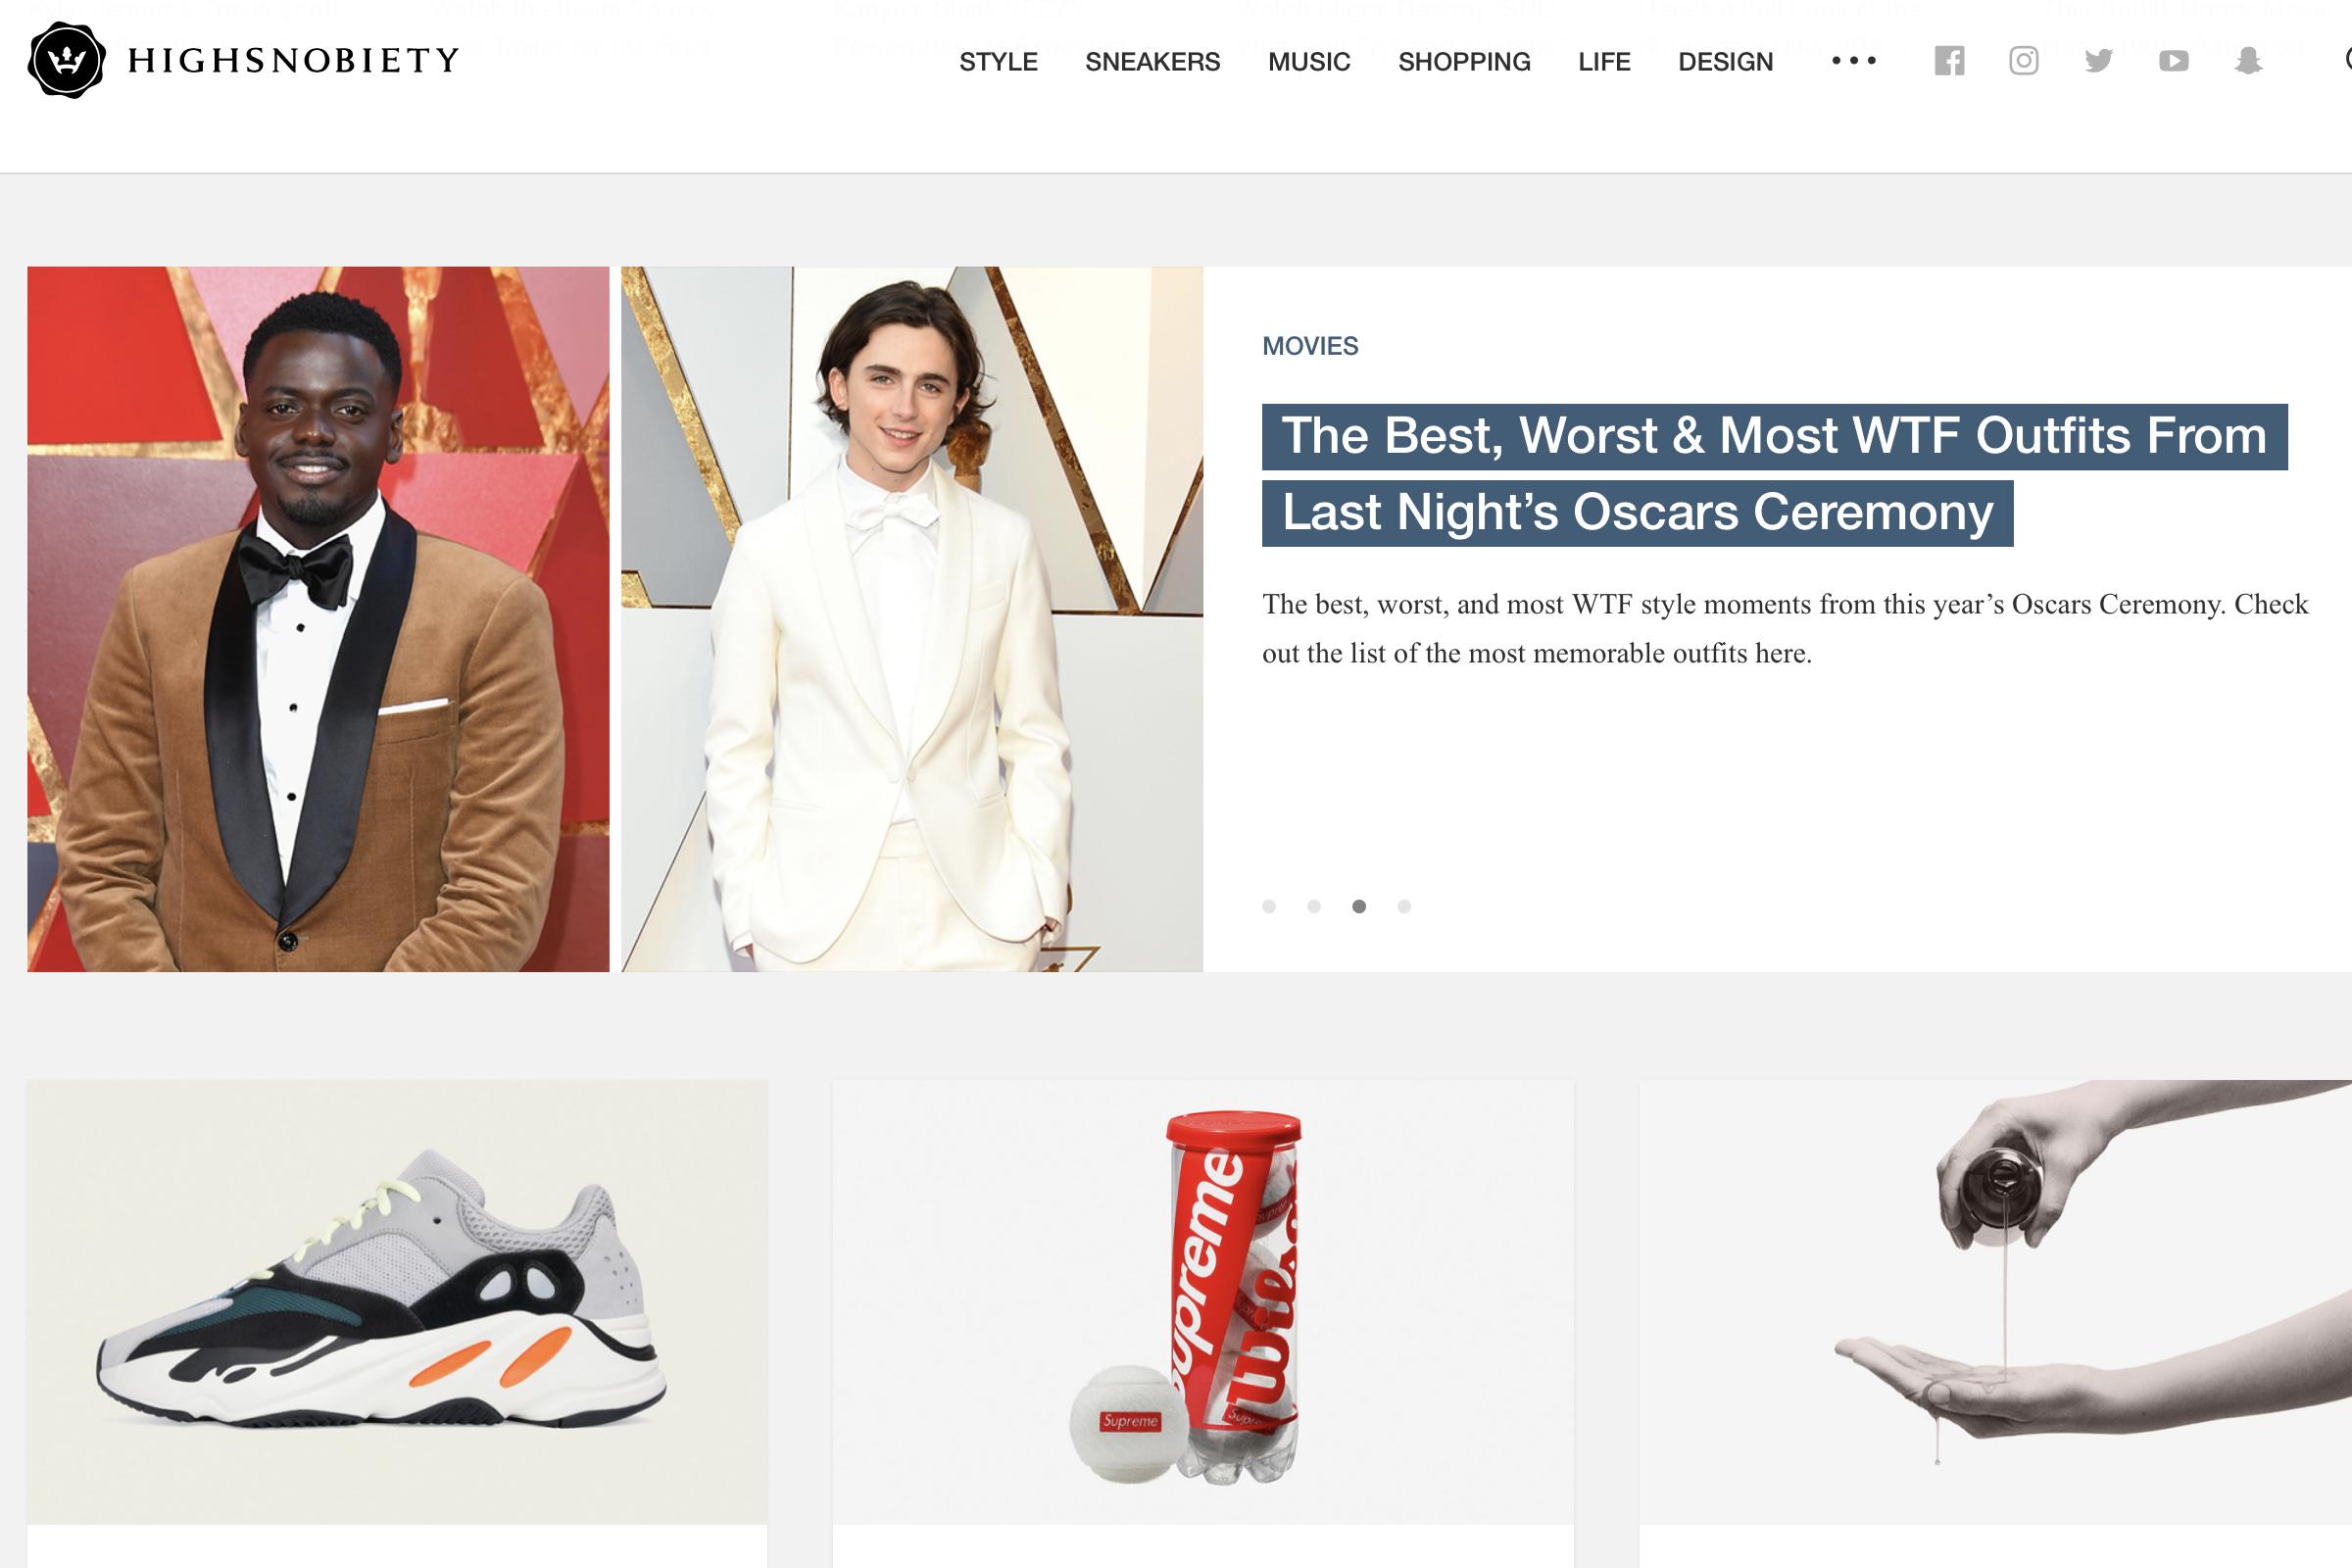 德国潮流时尚网站 Highsnobiety 计划将电商营收占比提高到30%